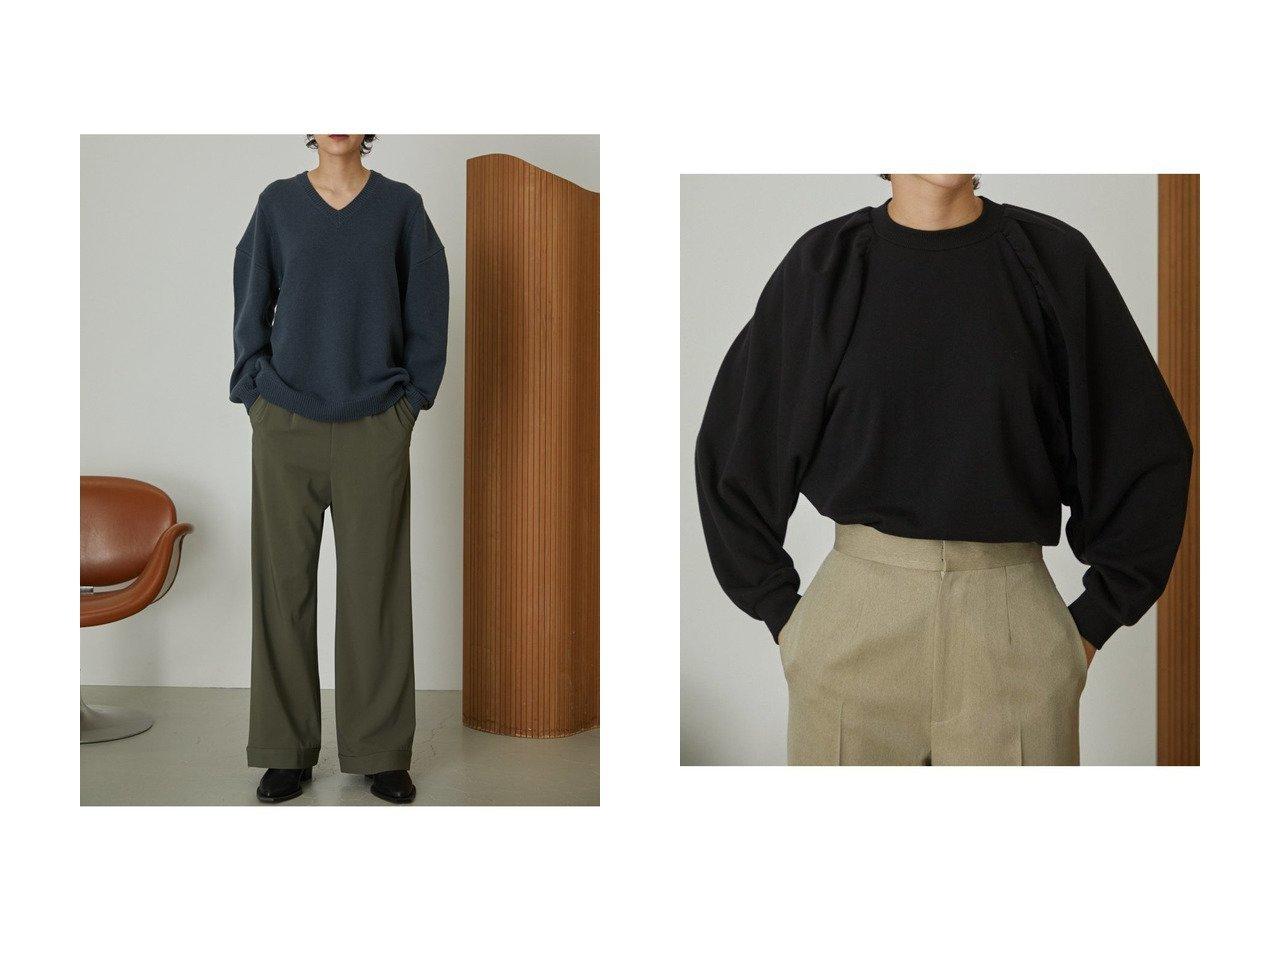 【RIM.ARK/リムアーク】のニット&トップス 【トップス・カットソー】おすすめ!人気、トレンド・レディースファッションの通販 おすすめで人気の流行・トレンド、ファッションの通販商品 インテリア・家具・メンズファッション・キッズファッション・レディースファッション・服の通販 founy(ファニー) https://founy.com/ ファッション Fashion レディースファッション WOMEN トップス・カットソー Tops/Tshirt ニット Knit Tops プルオーバー Pullover シャツ/ブラウス Shirts/Blouses ロング / Tシャツ T-Shirts カットソー Cut and Sewn ショルダー パターン ギャザー コンパクト スリーブ ダウン リラックス ロング |ID:crp329100000071293